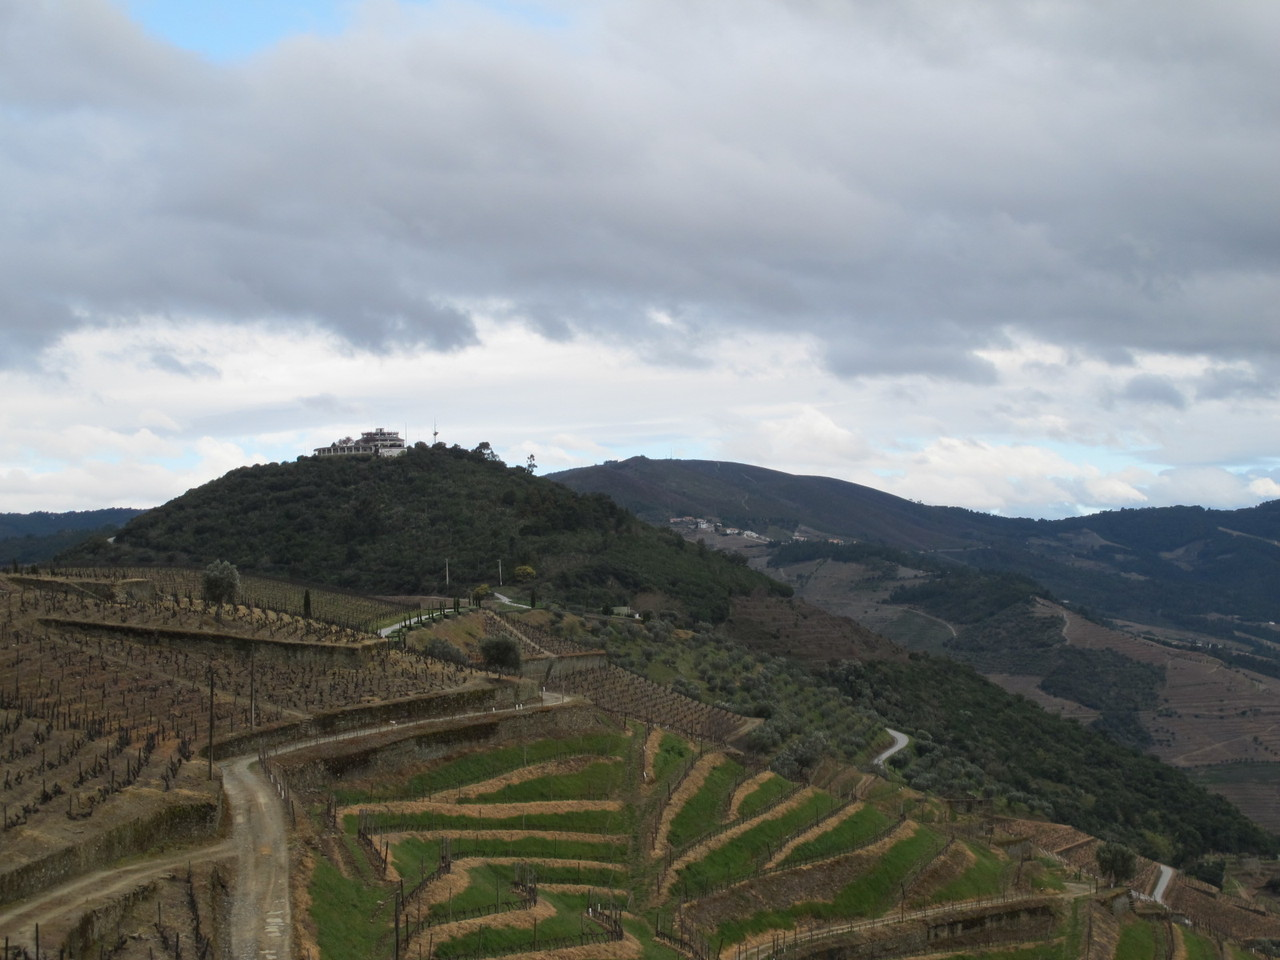 Lá no topo, a Casa Redonda